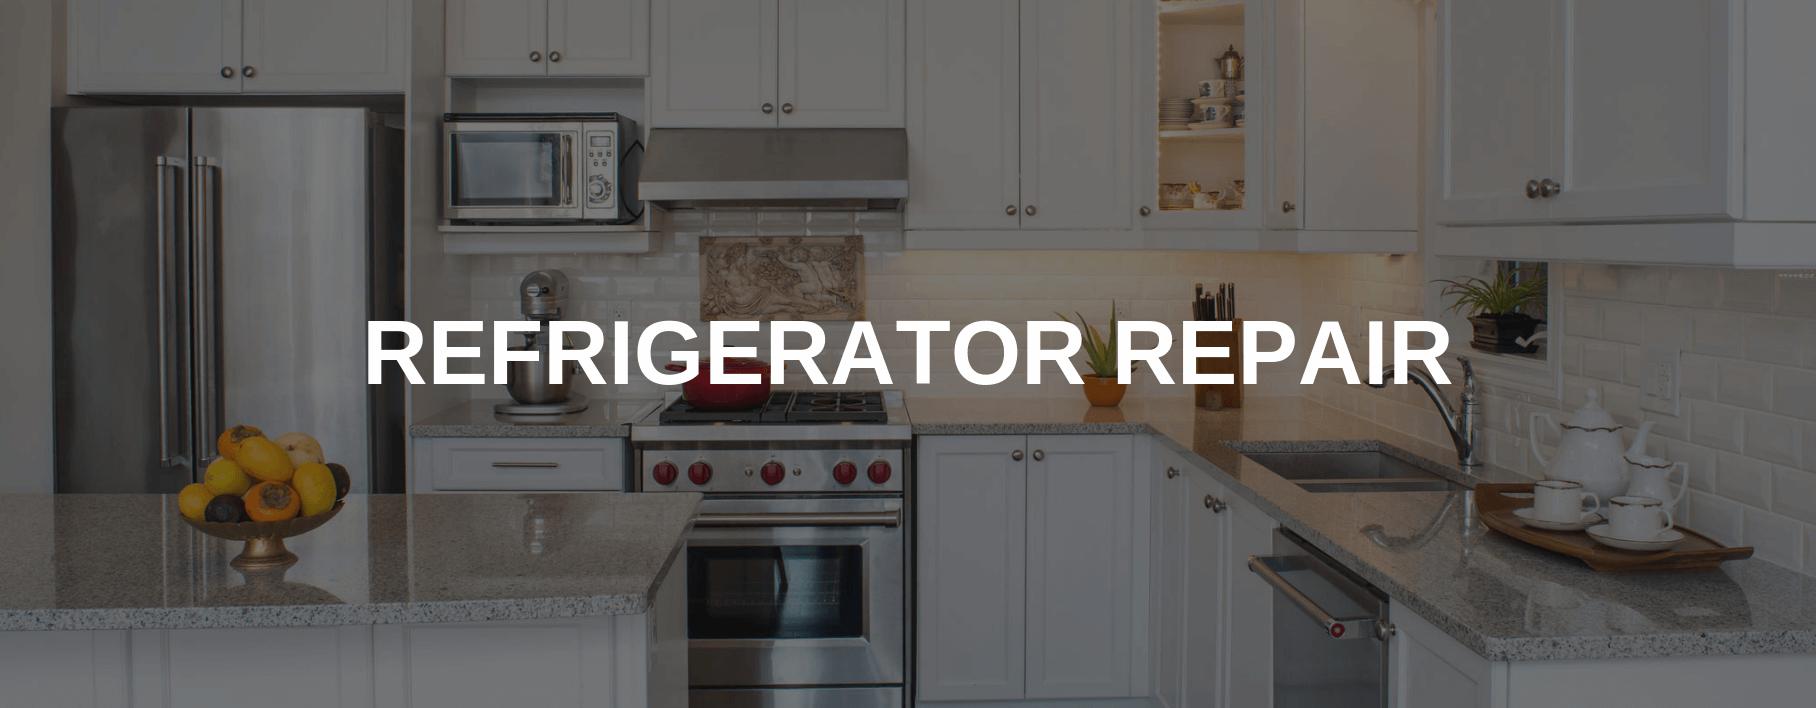 refrigerator repair wallingford